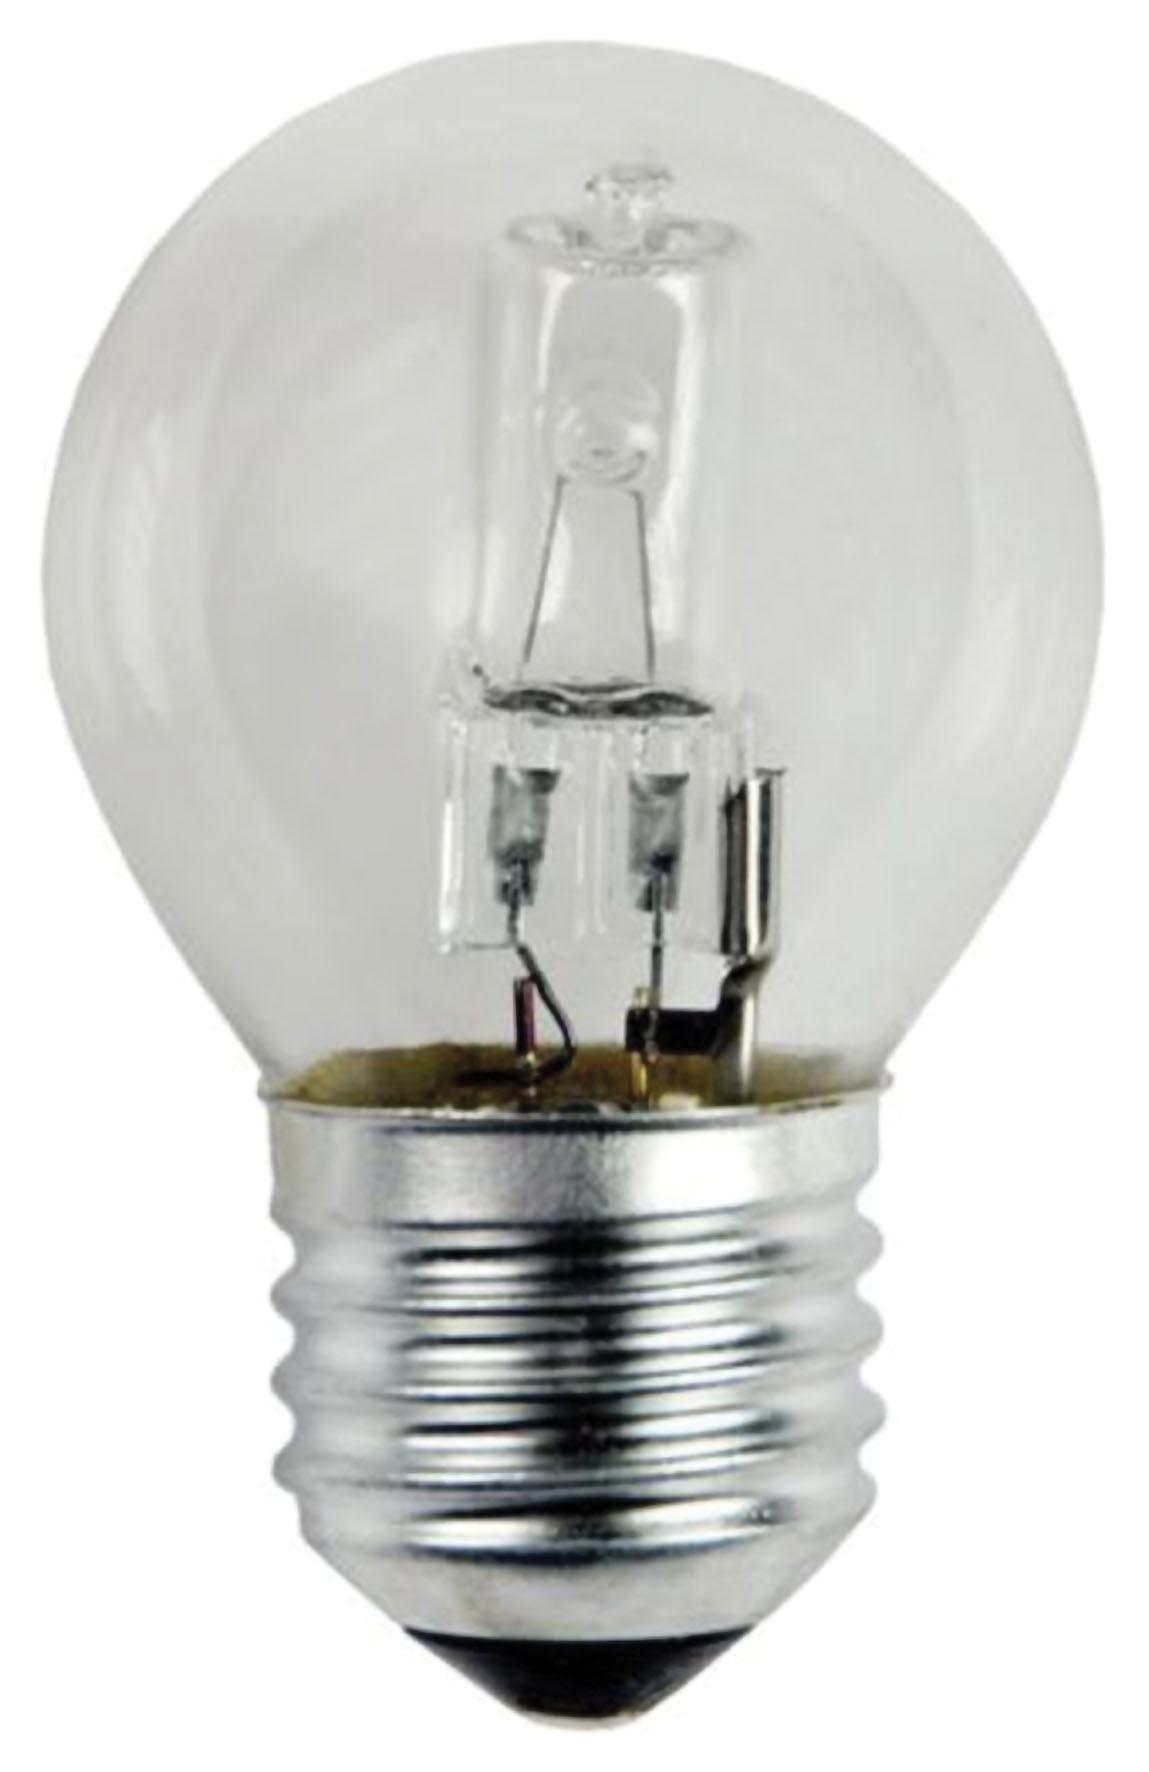 LAMPAD HAL SFERA 42W-E27  2PZ